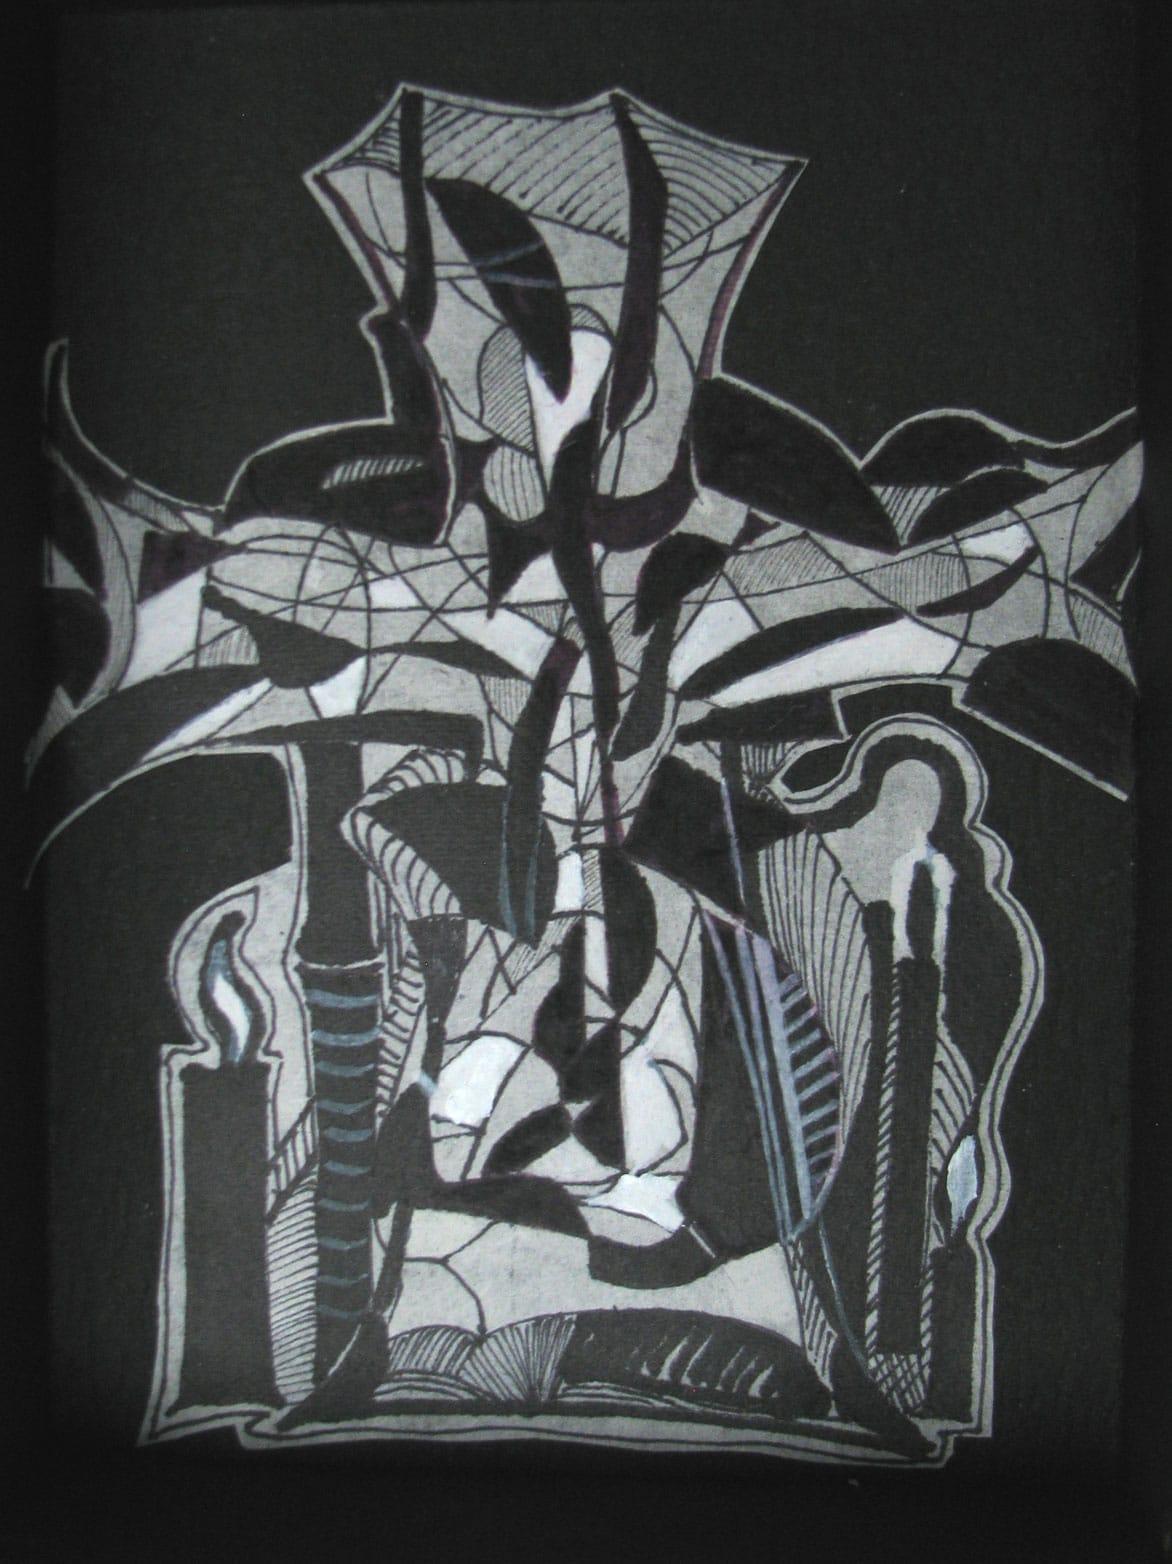 Ilse Petry-Ambrosius: Kreuz (Entwurf für Kirchenfenster)